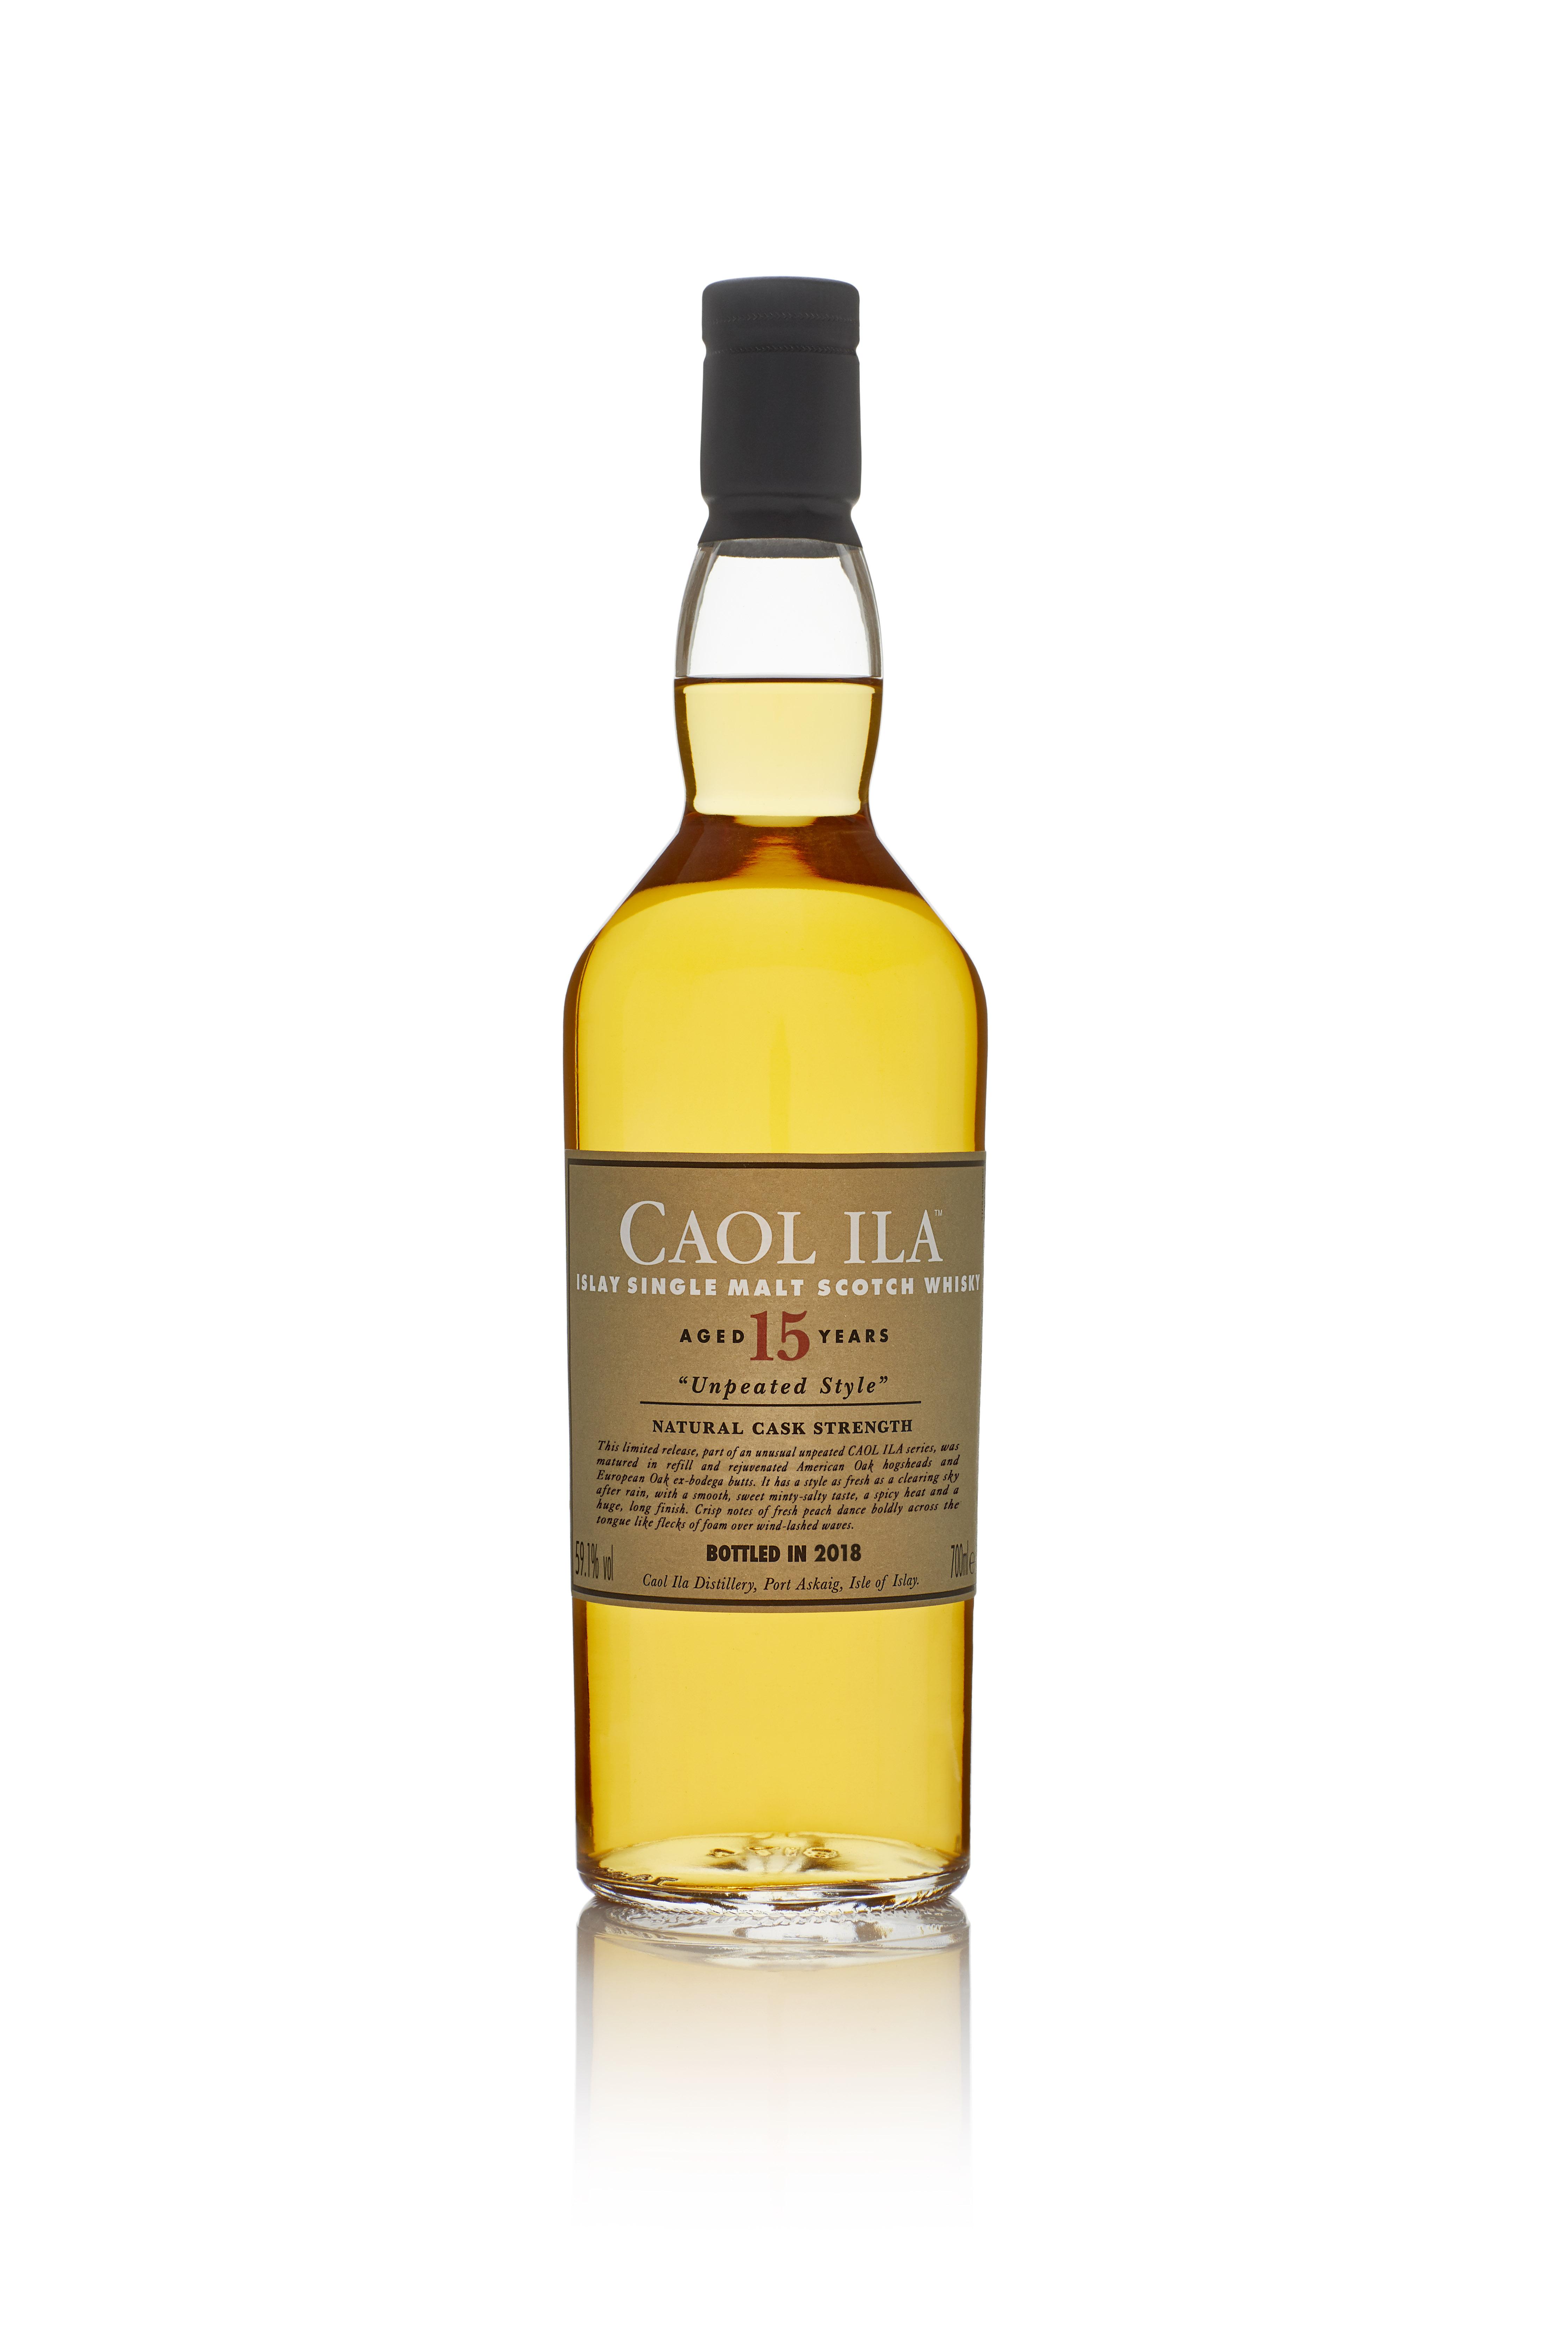 6281073 SR2018 CaolIla15 Bottle 700ml 1